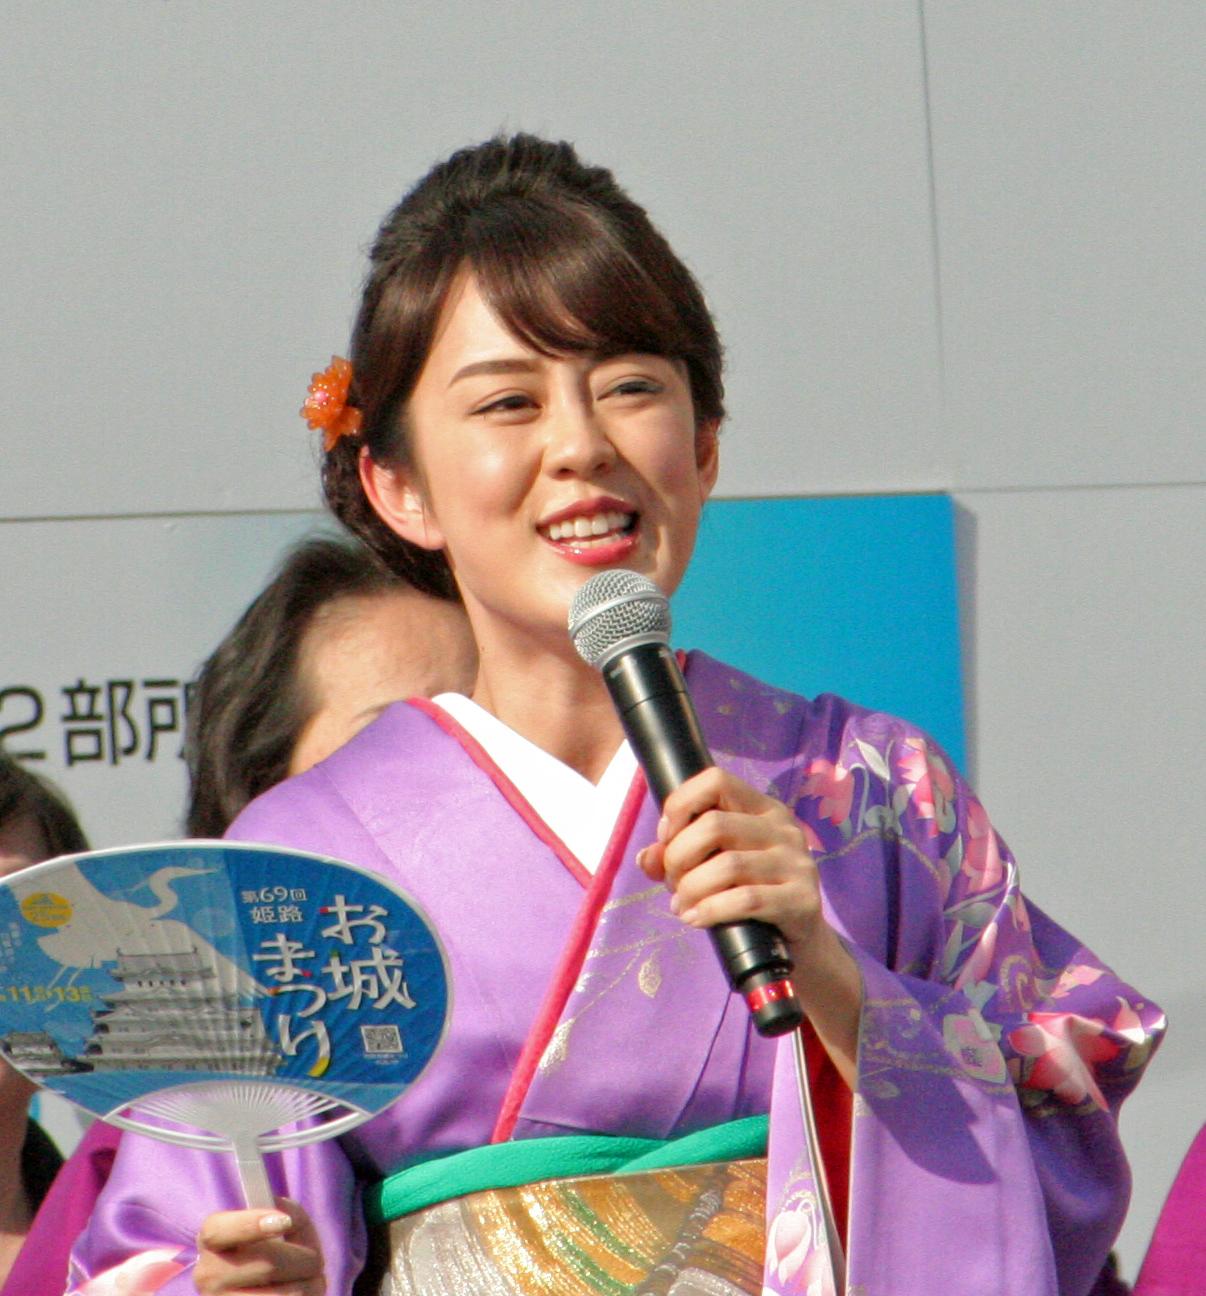 midori oka File:Midori Oka May 2018 01.jpg